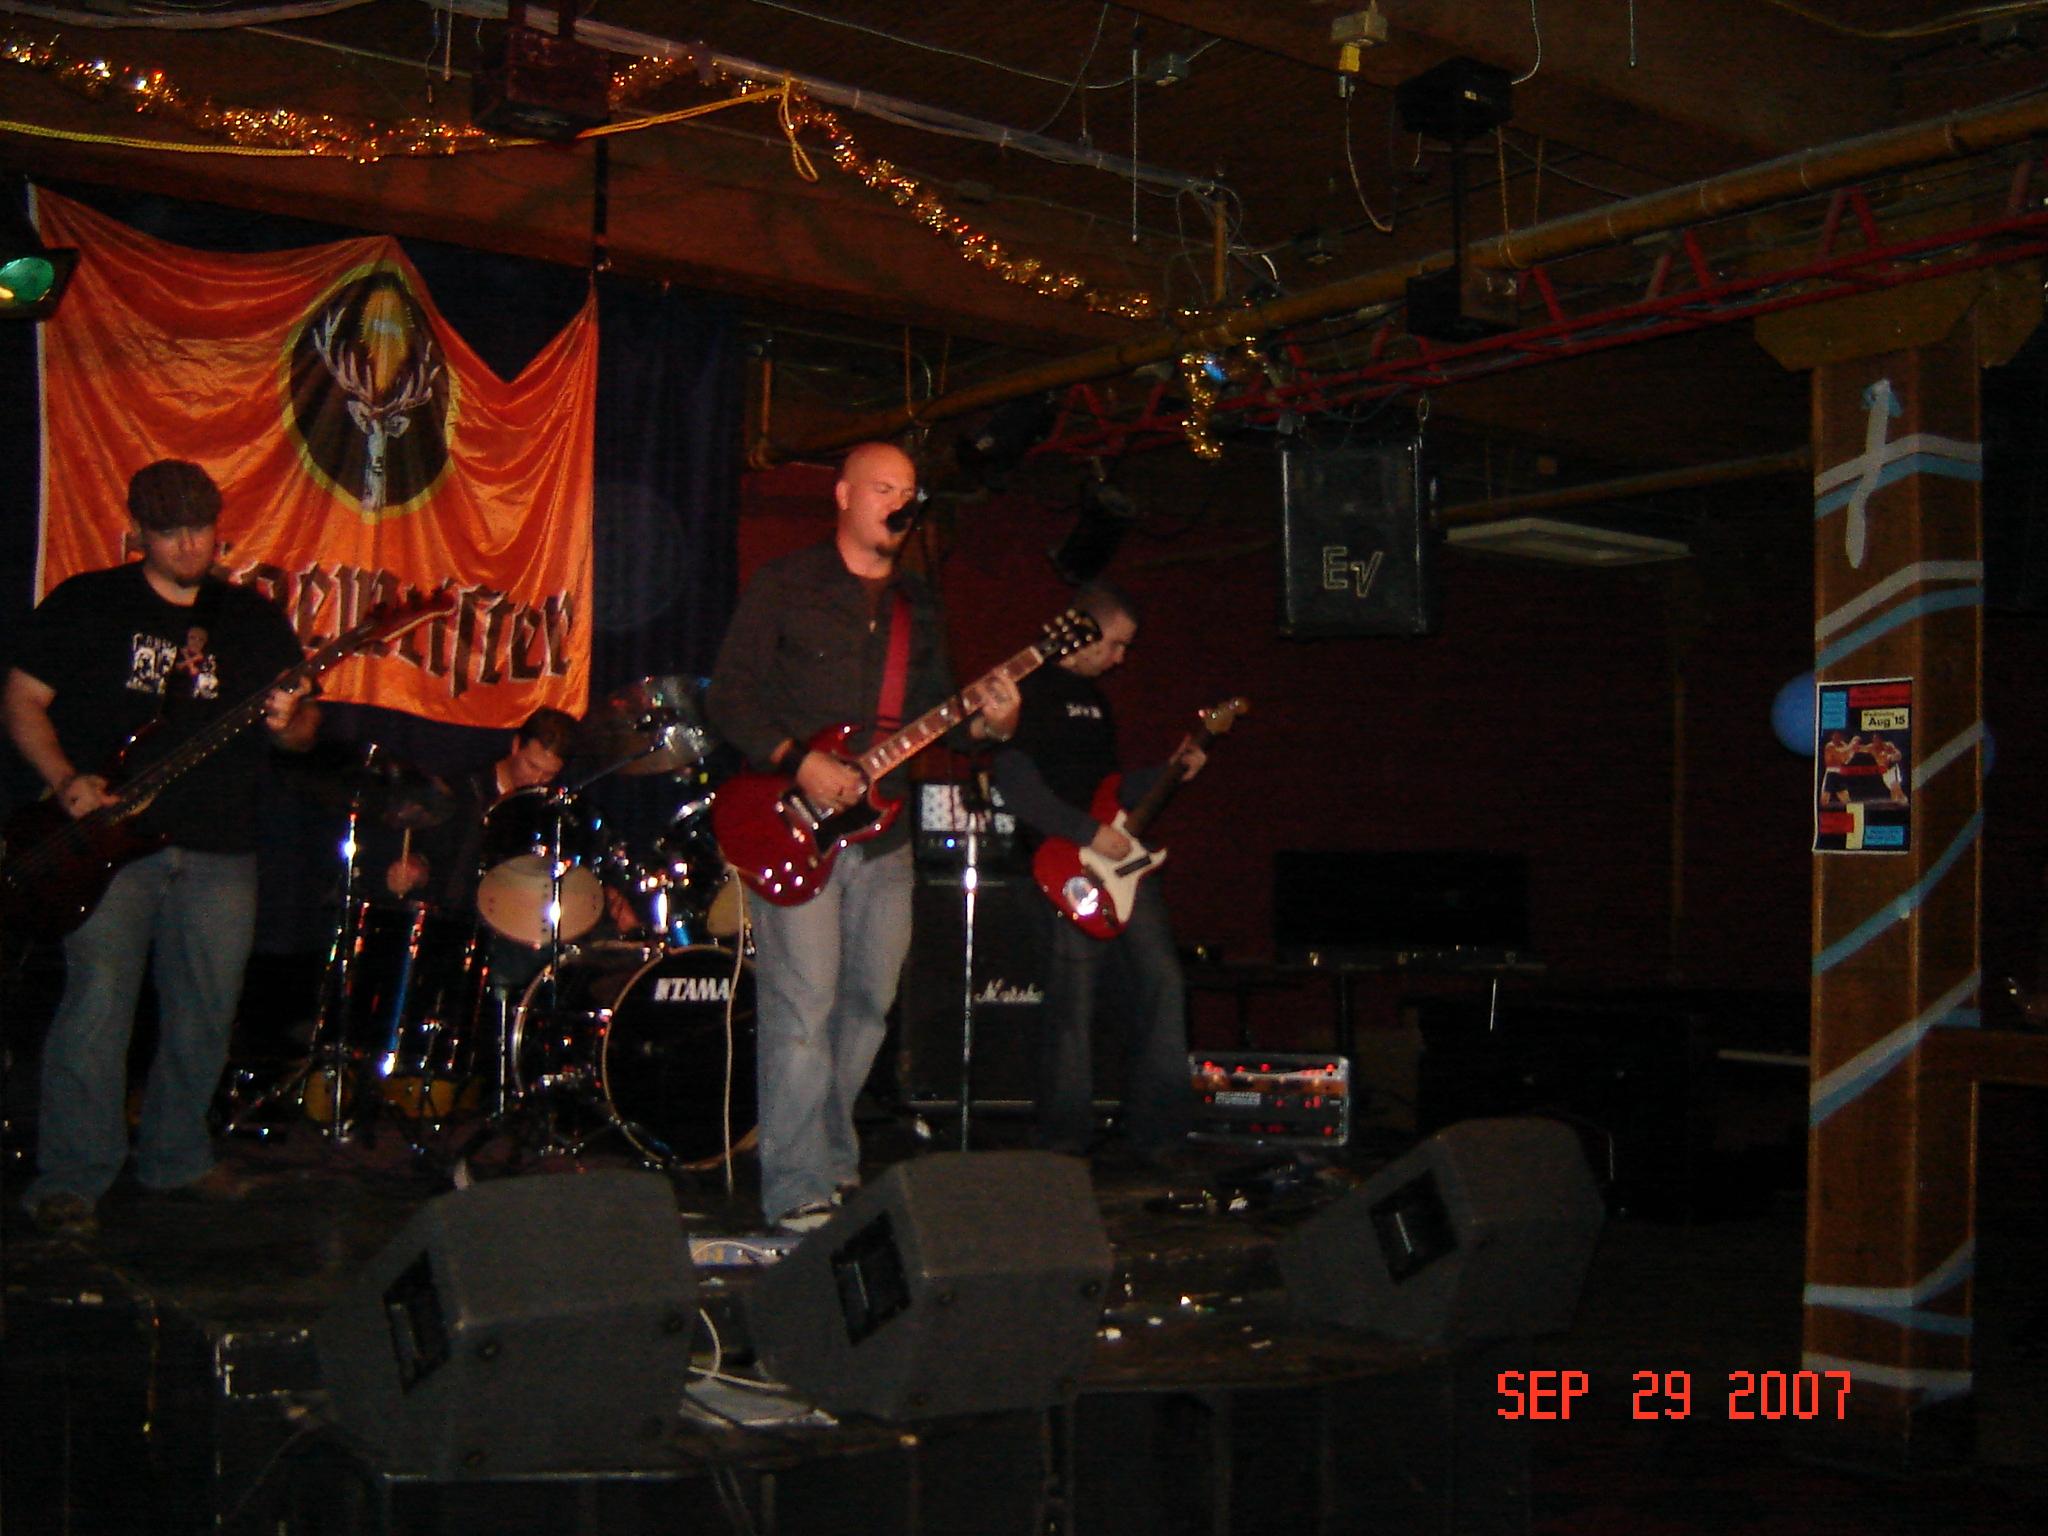 Sep 29, 2007